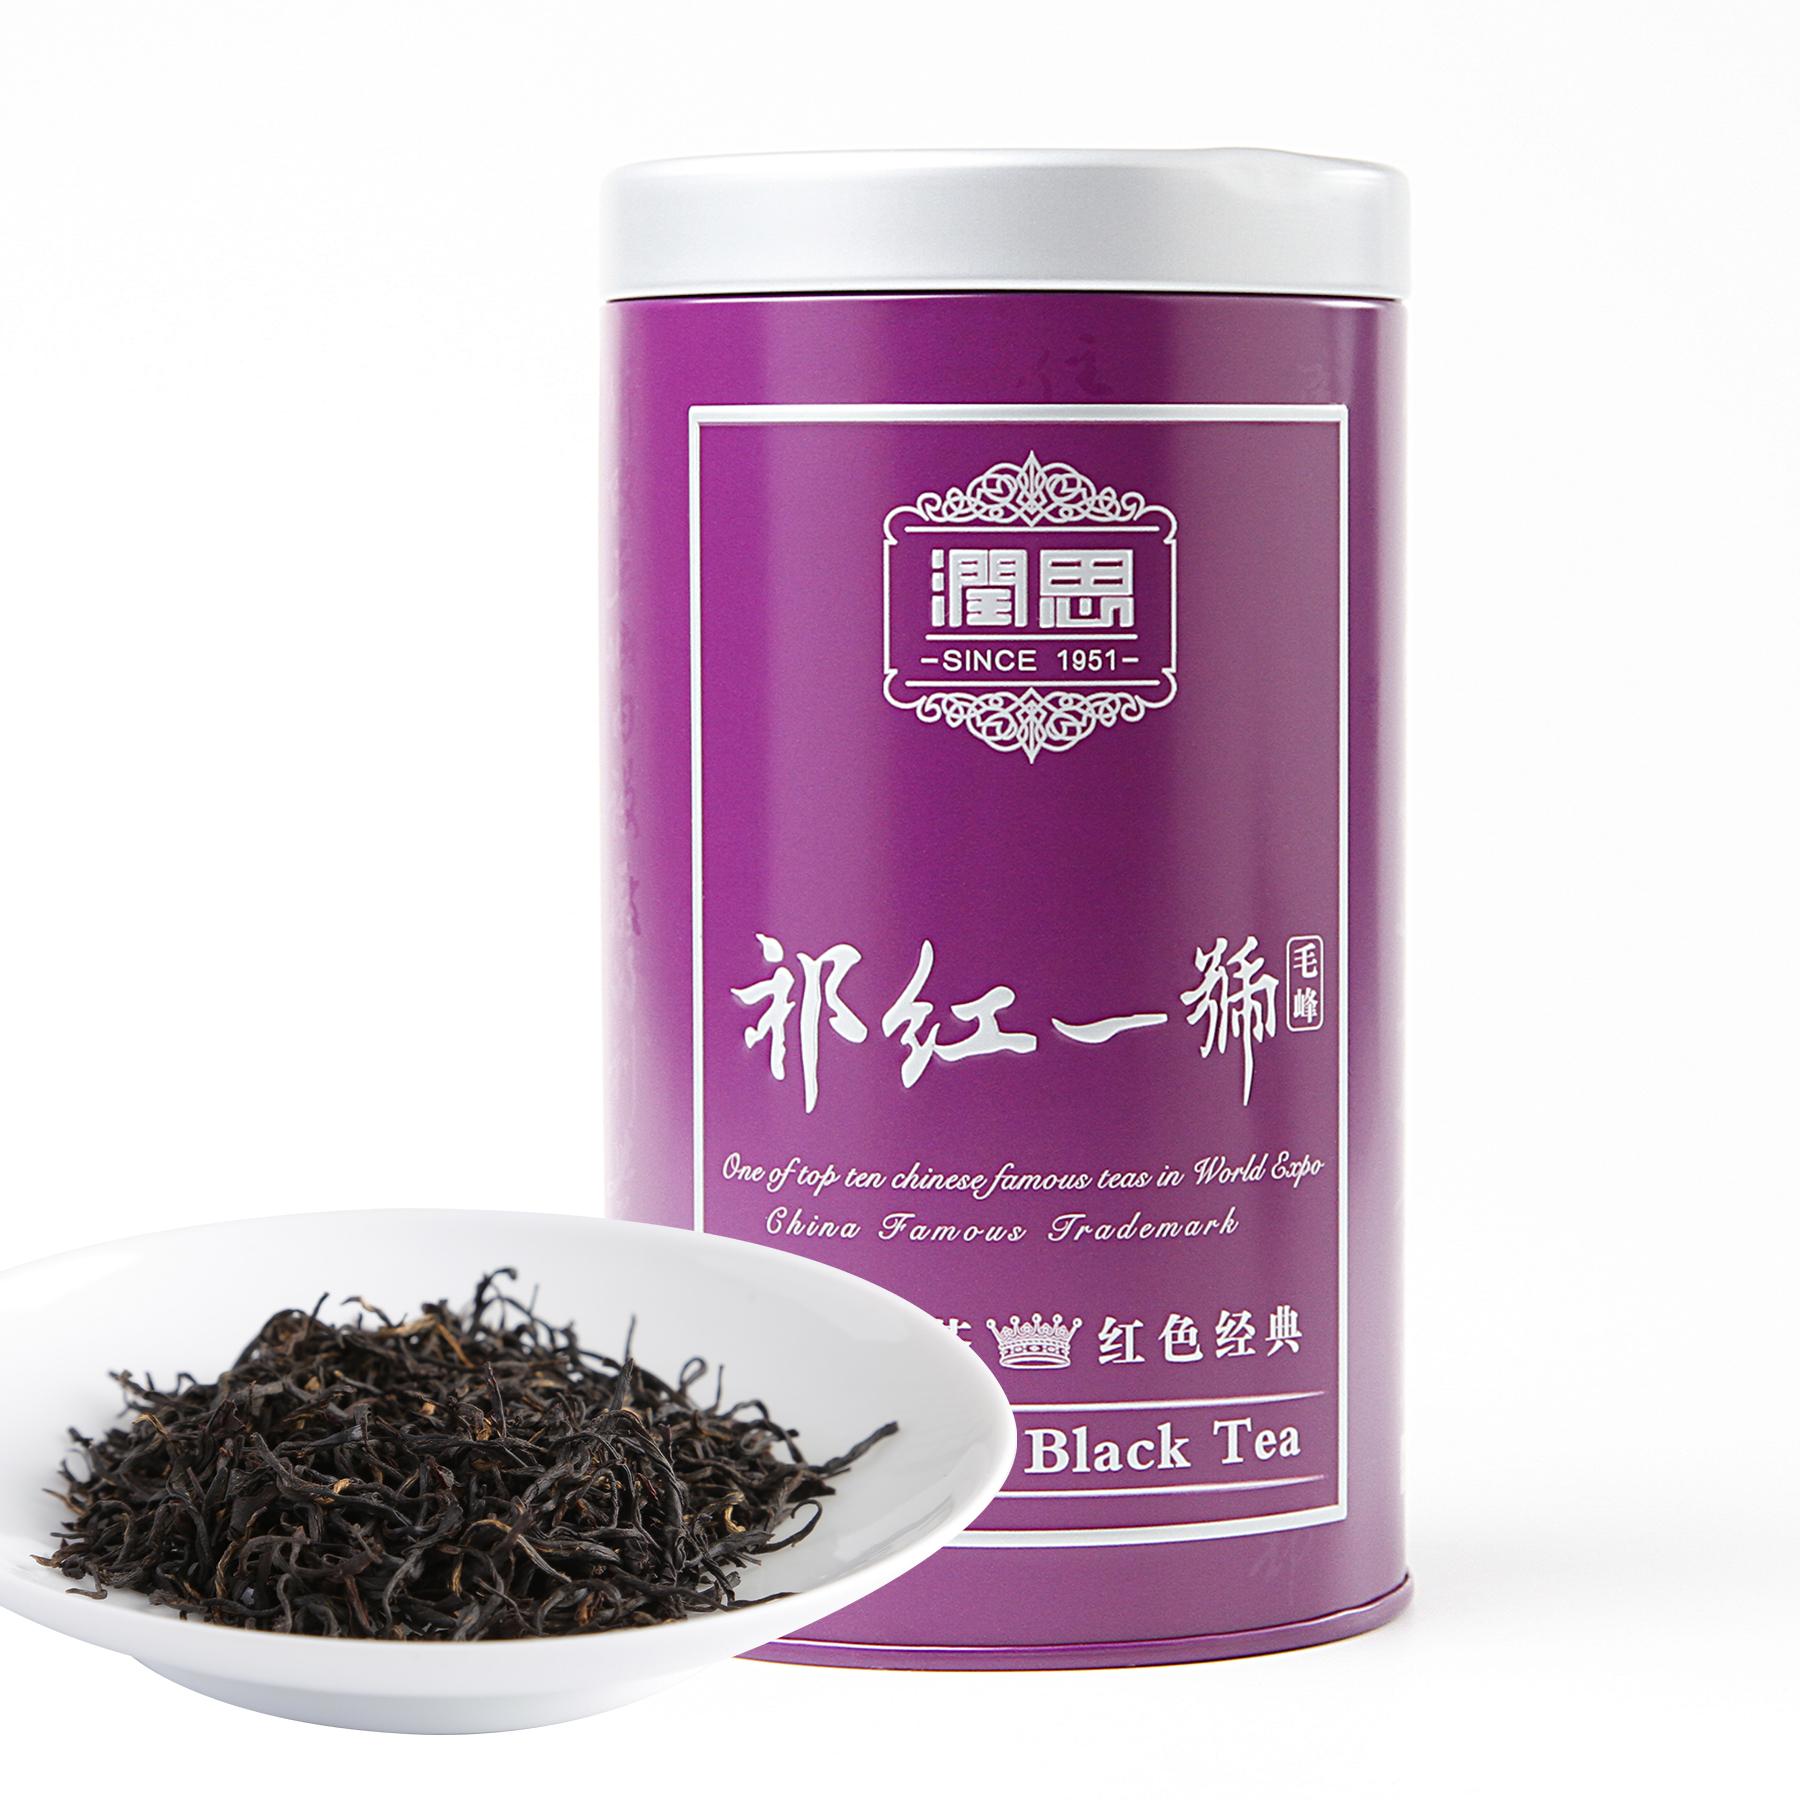 特级祁红一号(2017)红茶价格1167元/斤